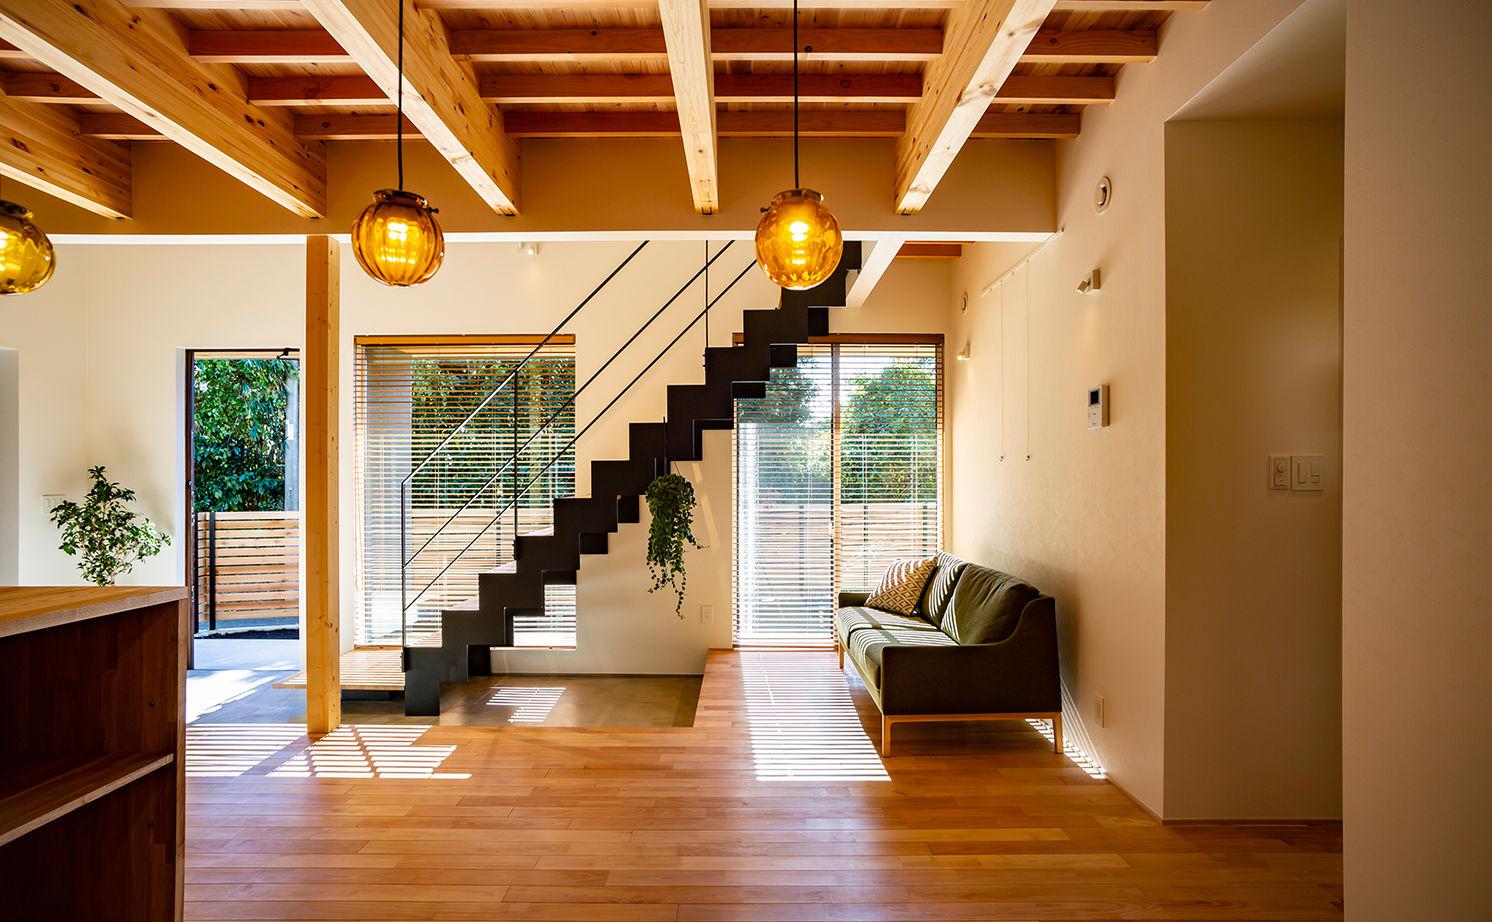 【2500~2999万円/2LDK】設計力の高さに魅かれて依頼!理想が詰まった土間玄関のある家画像3